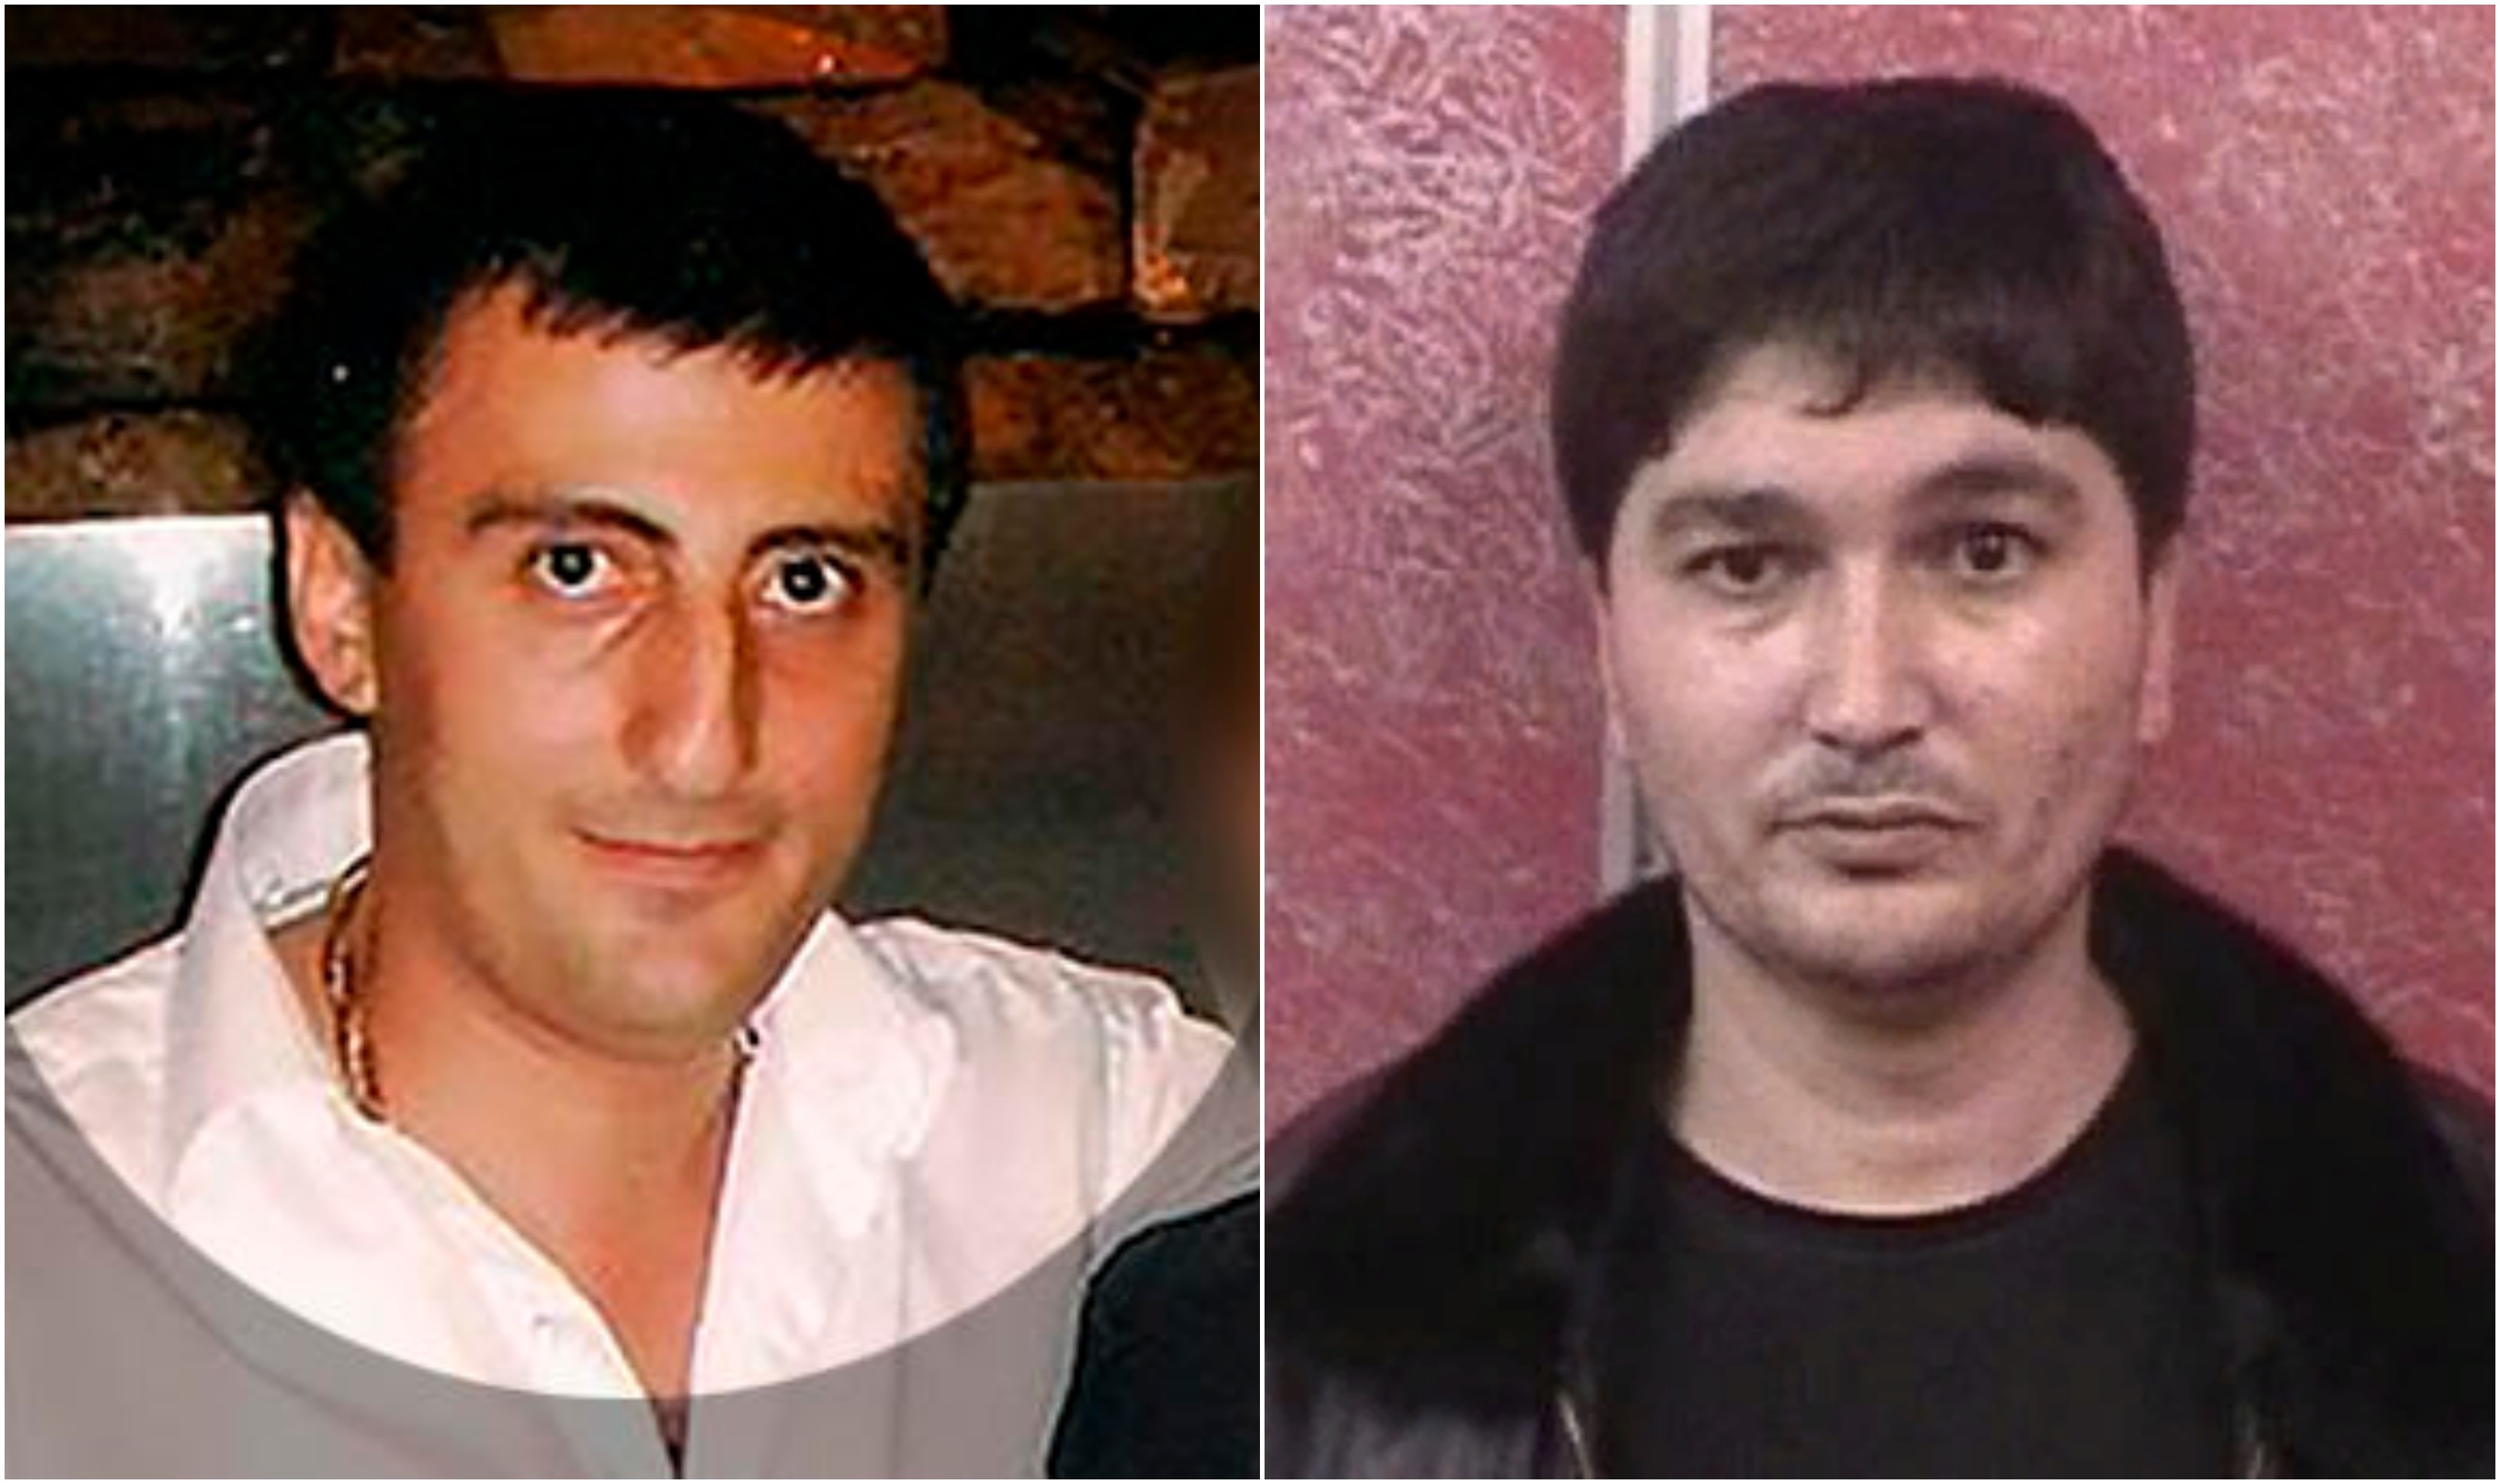 Ուշագրավ բացահայտում. Մոսկվայում սպանված չեմպիոնը նաեւ Թեւոսիկի եղբոր սպանությանն է առանչվել.«Ժողովուրդ»